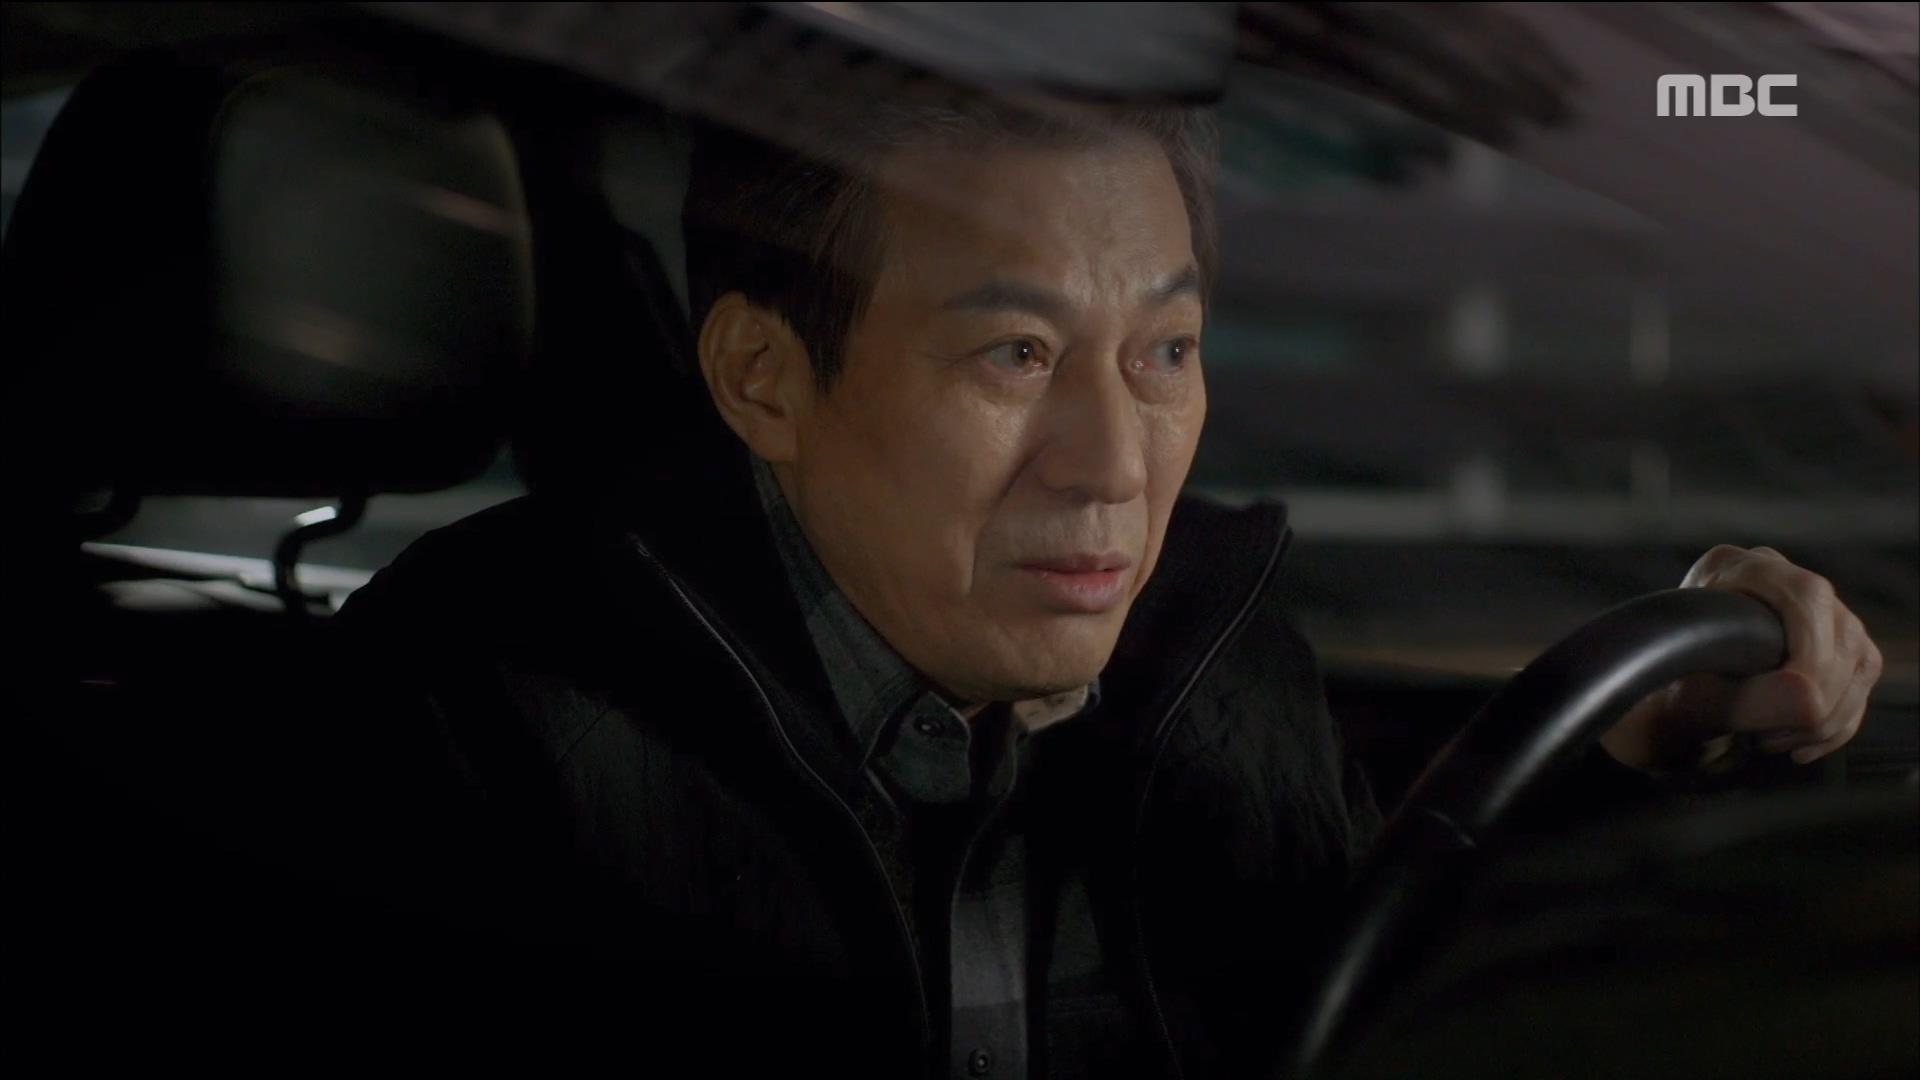 김갑수, 남자와 함께 있는 김미숙에 분노 폭발!